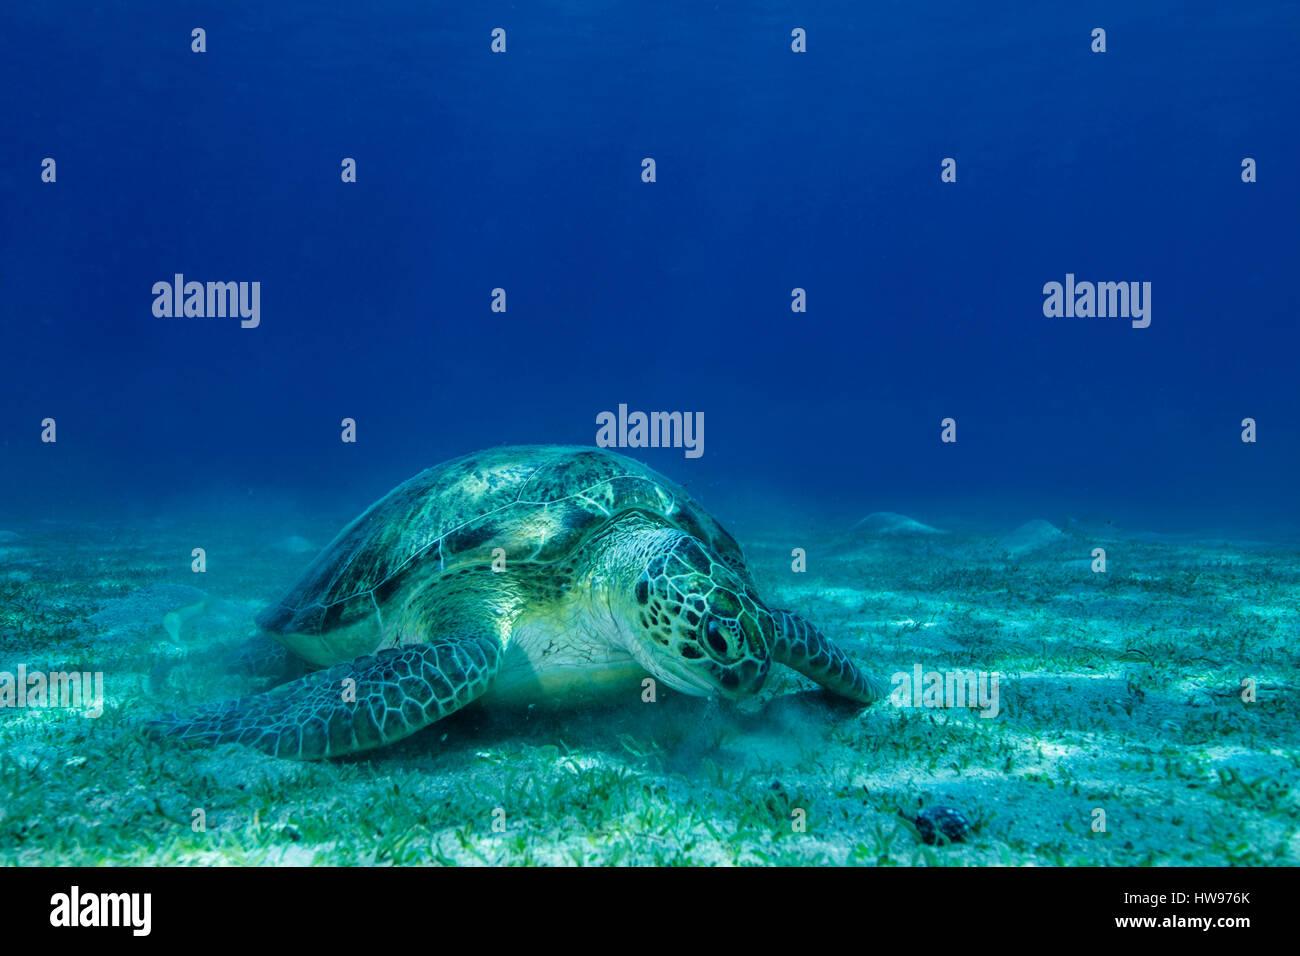 La tortuga verde (Chelonia mydas) sobre un suelo arenoso, Mar Rojo, Ägyten Imagen De Stock